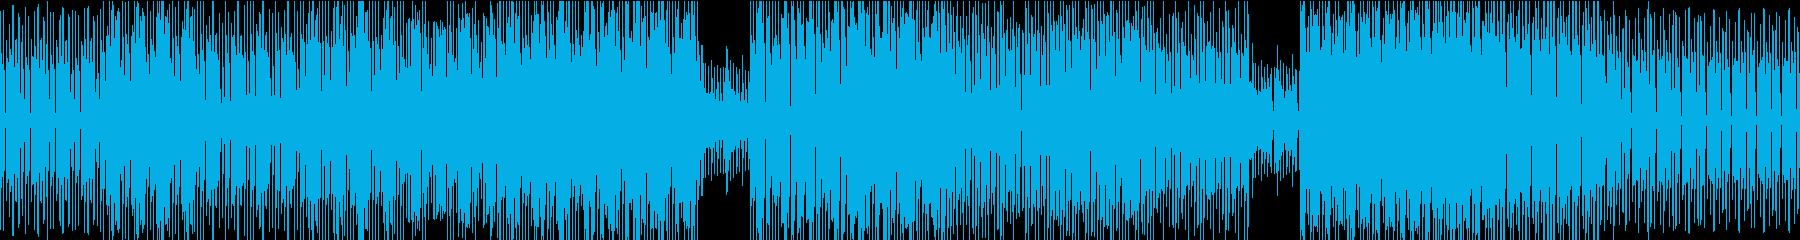 EDM-エレクトロ。深夜のセクシー...の再生済みの波形